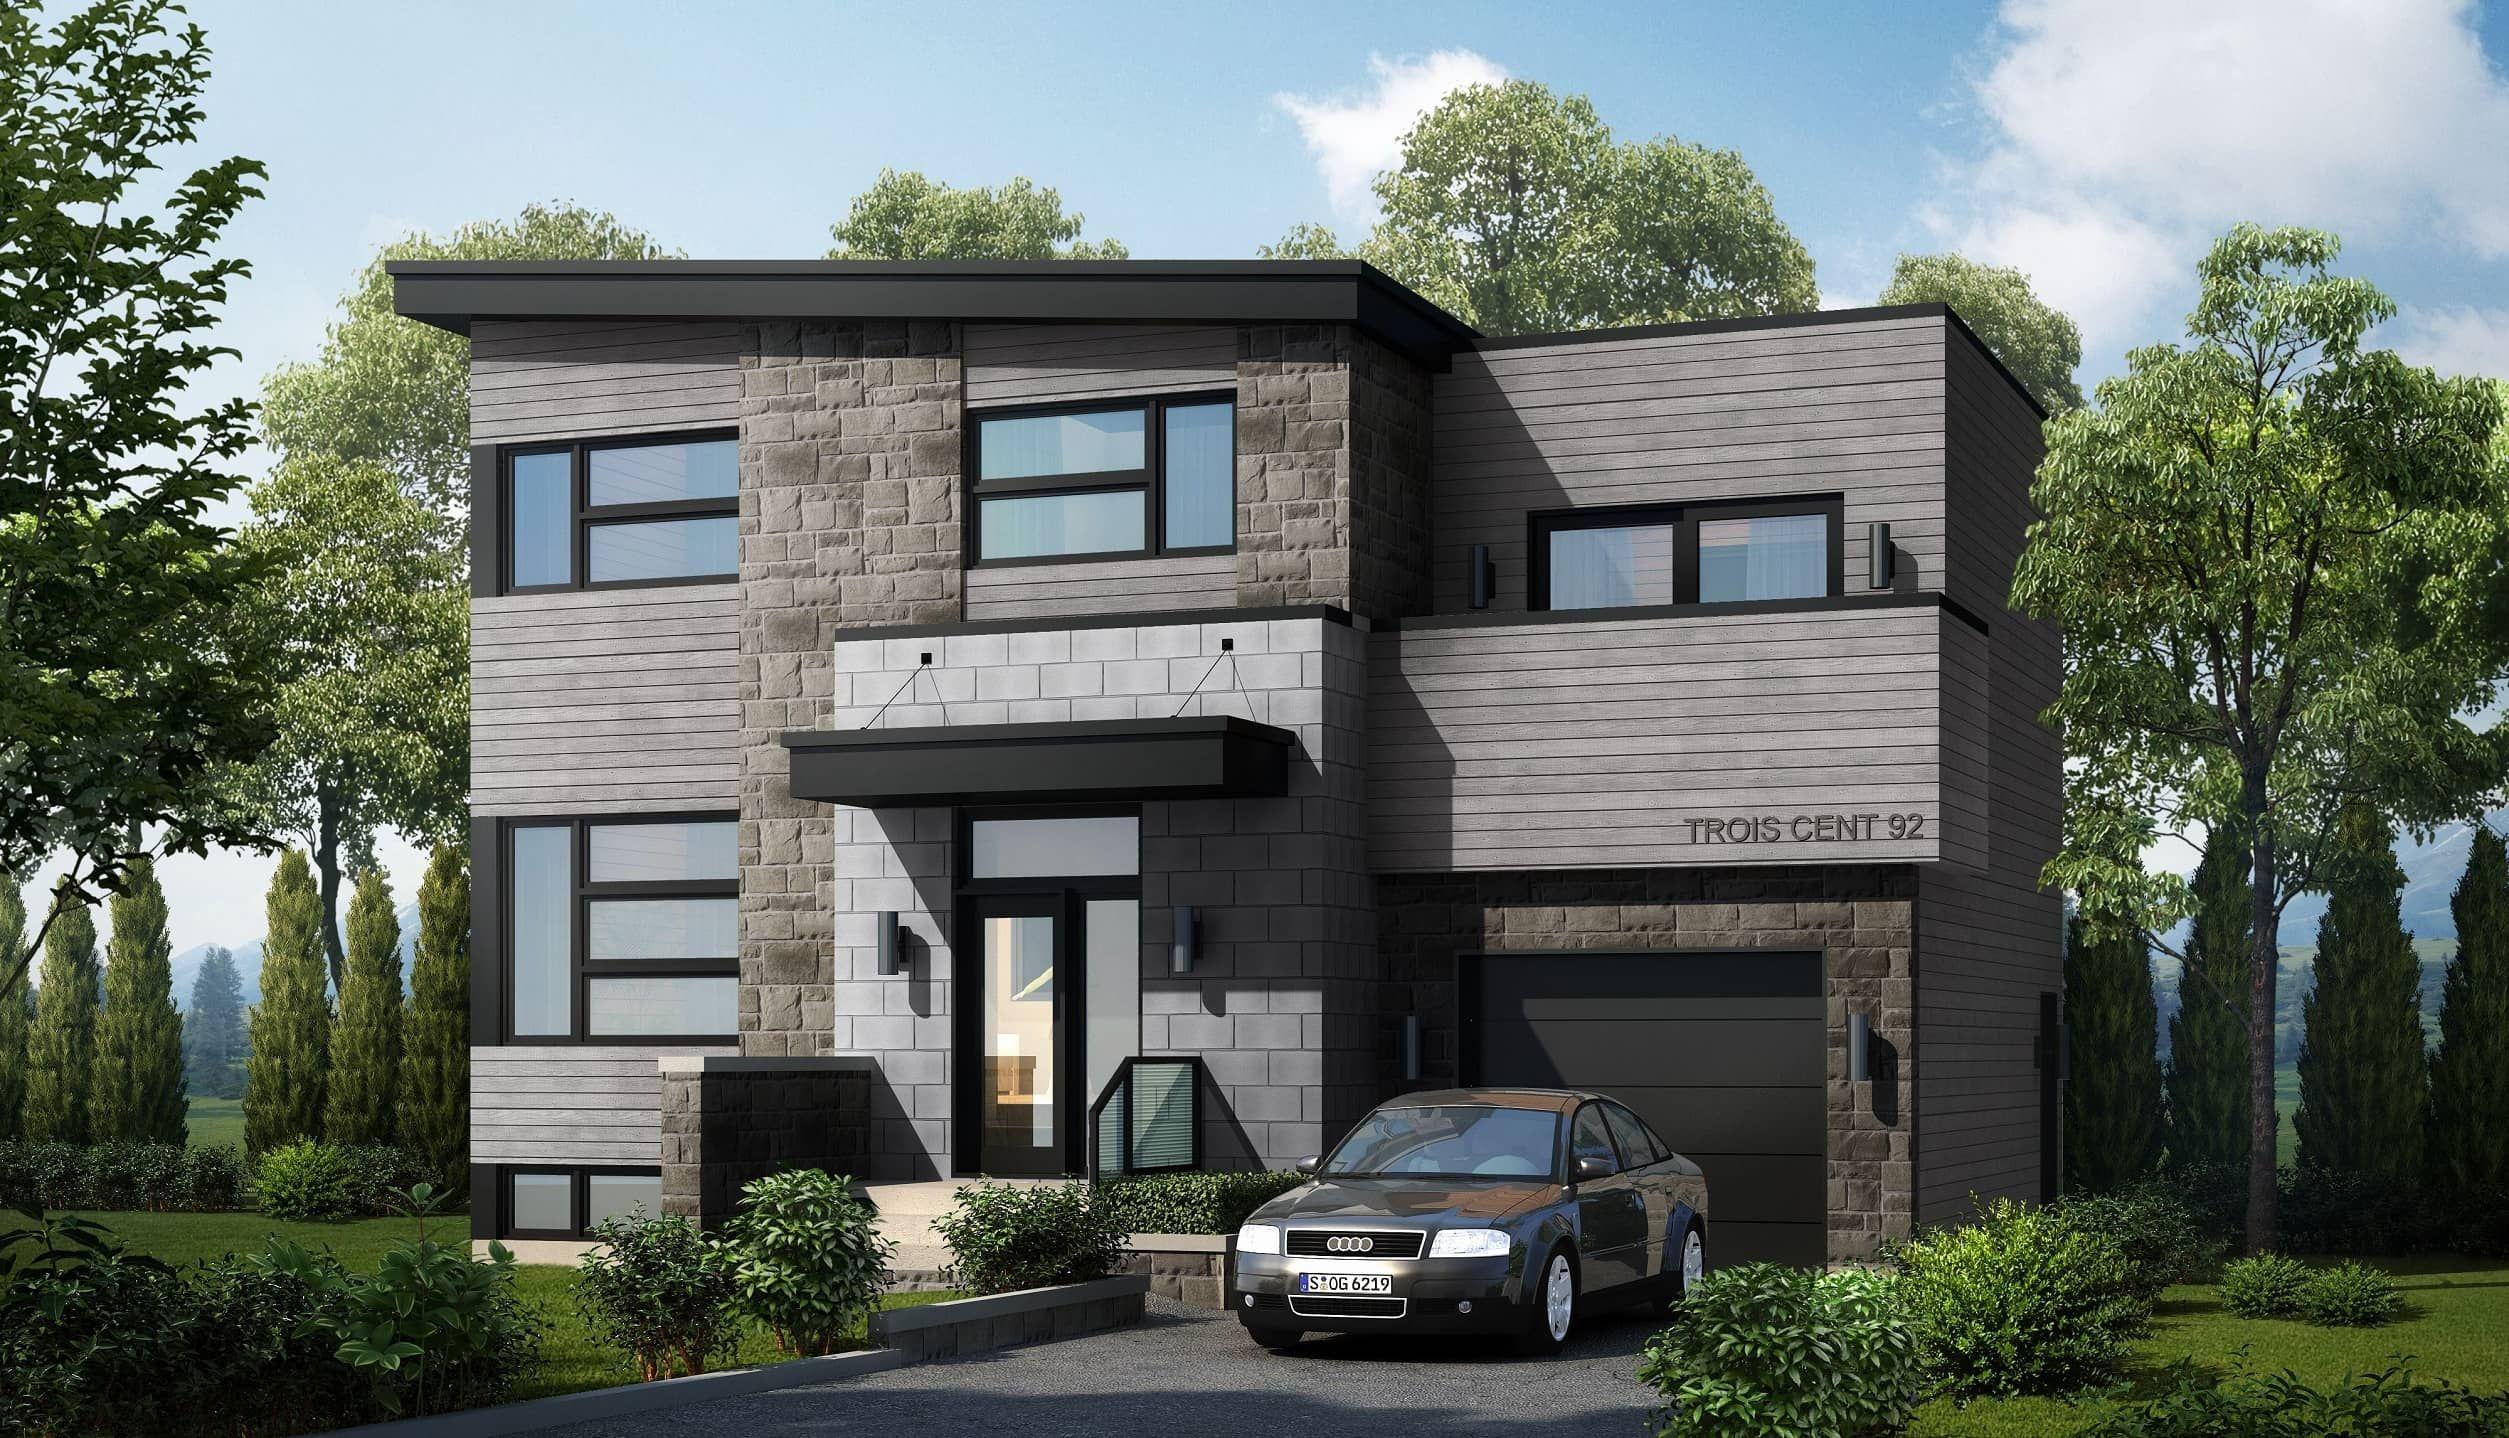 Le Quartier Chambéry U2013 Blainville | Une Maison